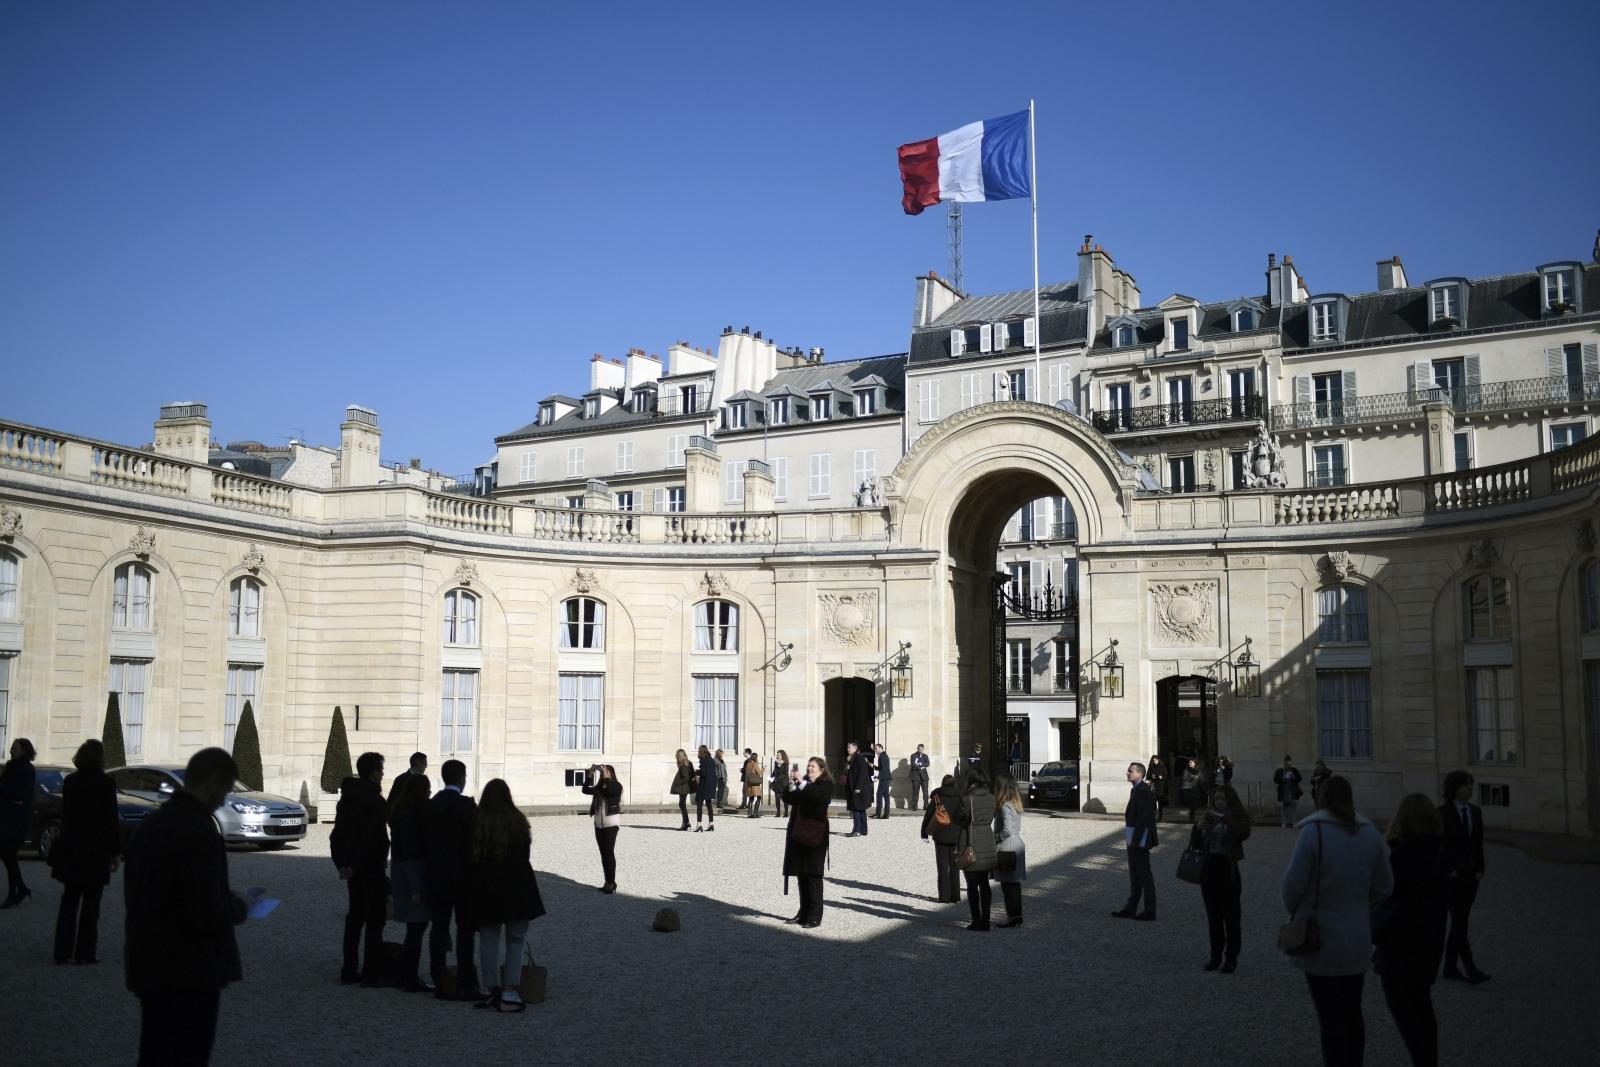 Elysee Presidential Palace